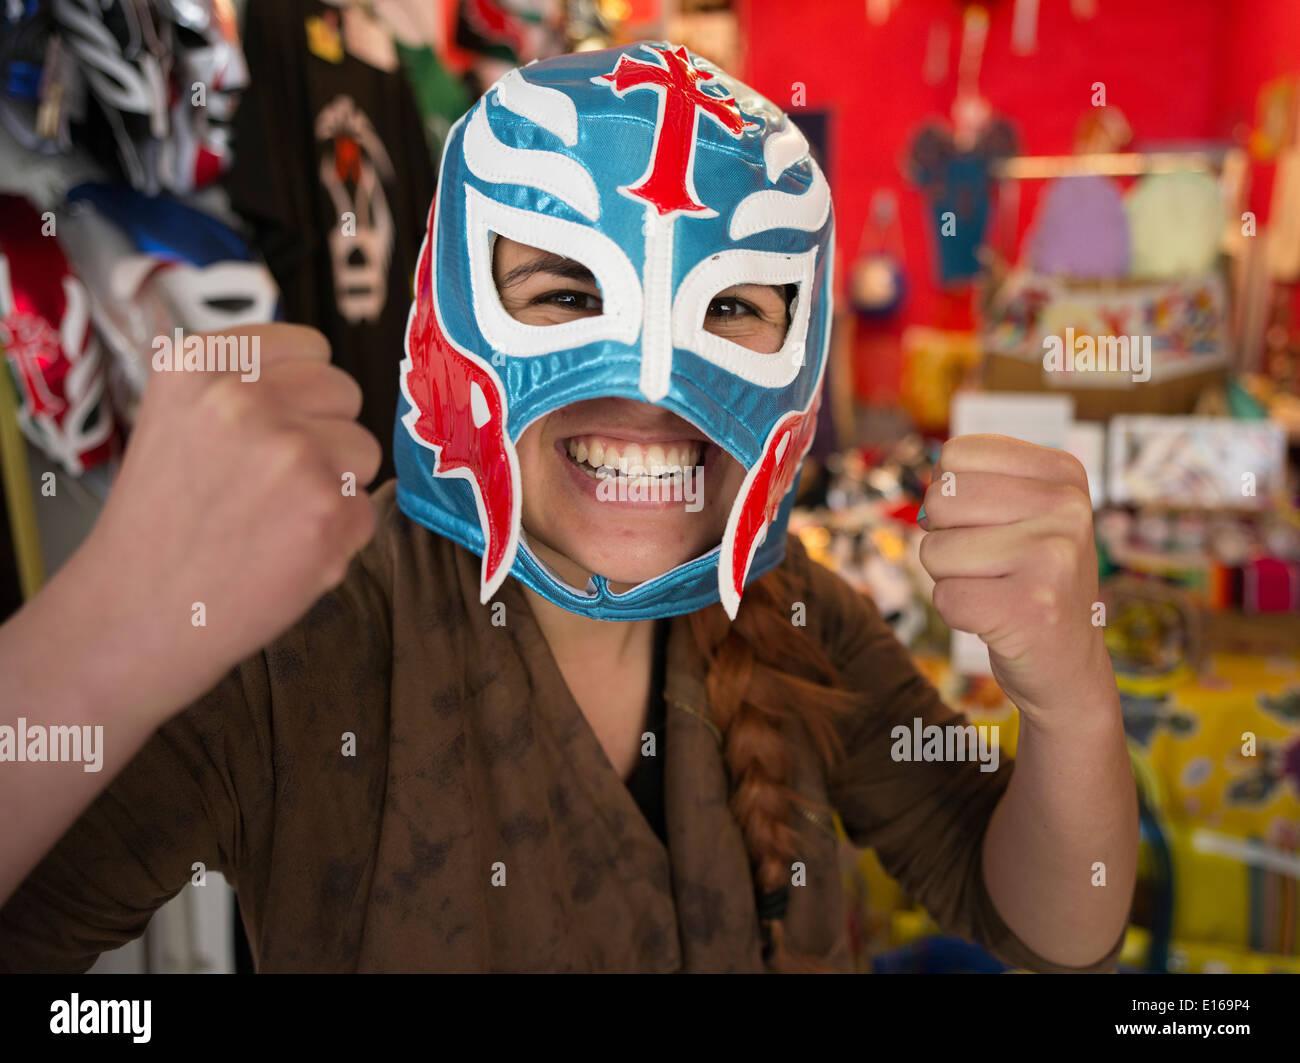 Les masques de catch mexicain en vente dans un magasin de marchandises mexicaines milandre dans Kosetsu Ichiba Market, Photo Stock